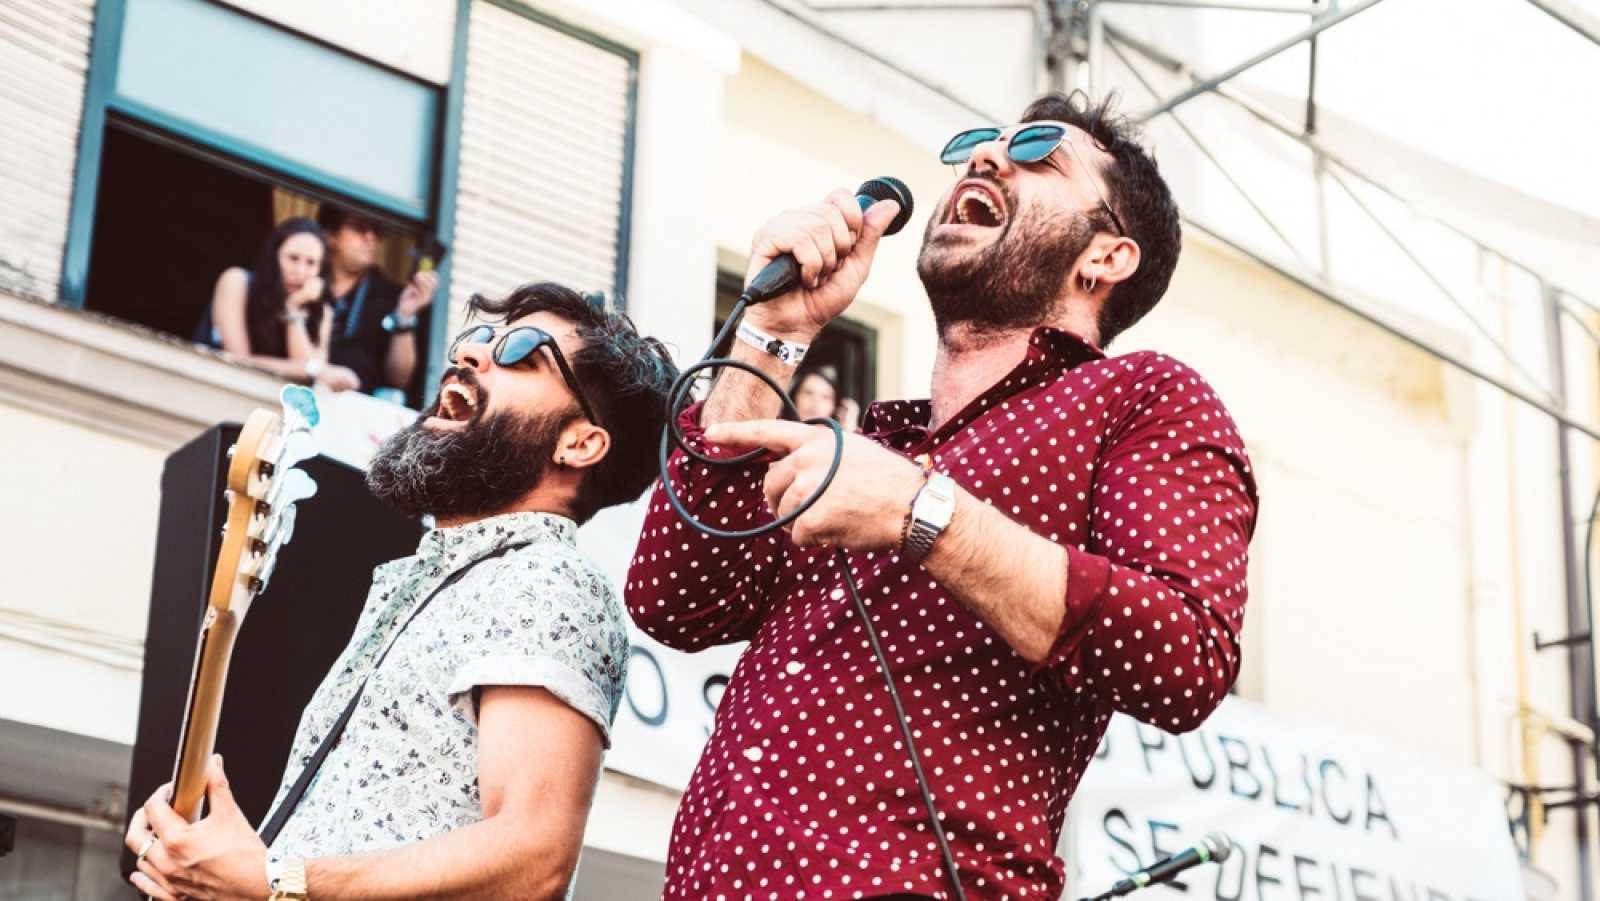 Festivales - Sonorama 2019: Viva Suecia - 10/08/2019 - Escuchar ahora